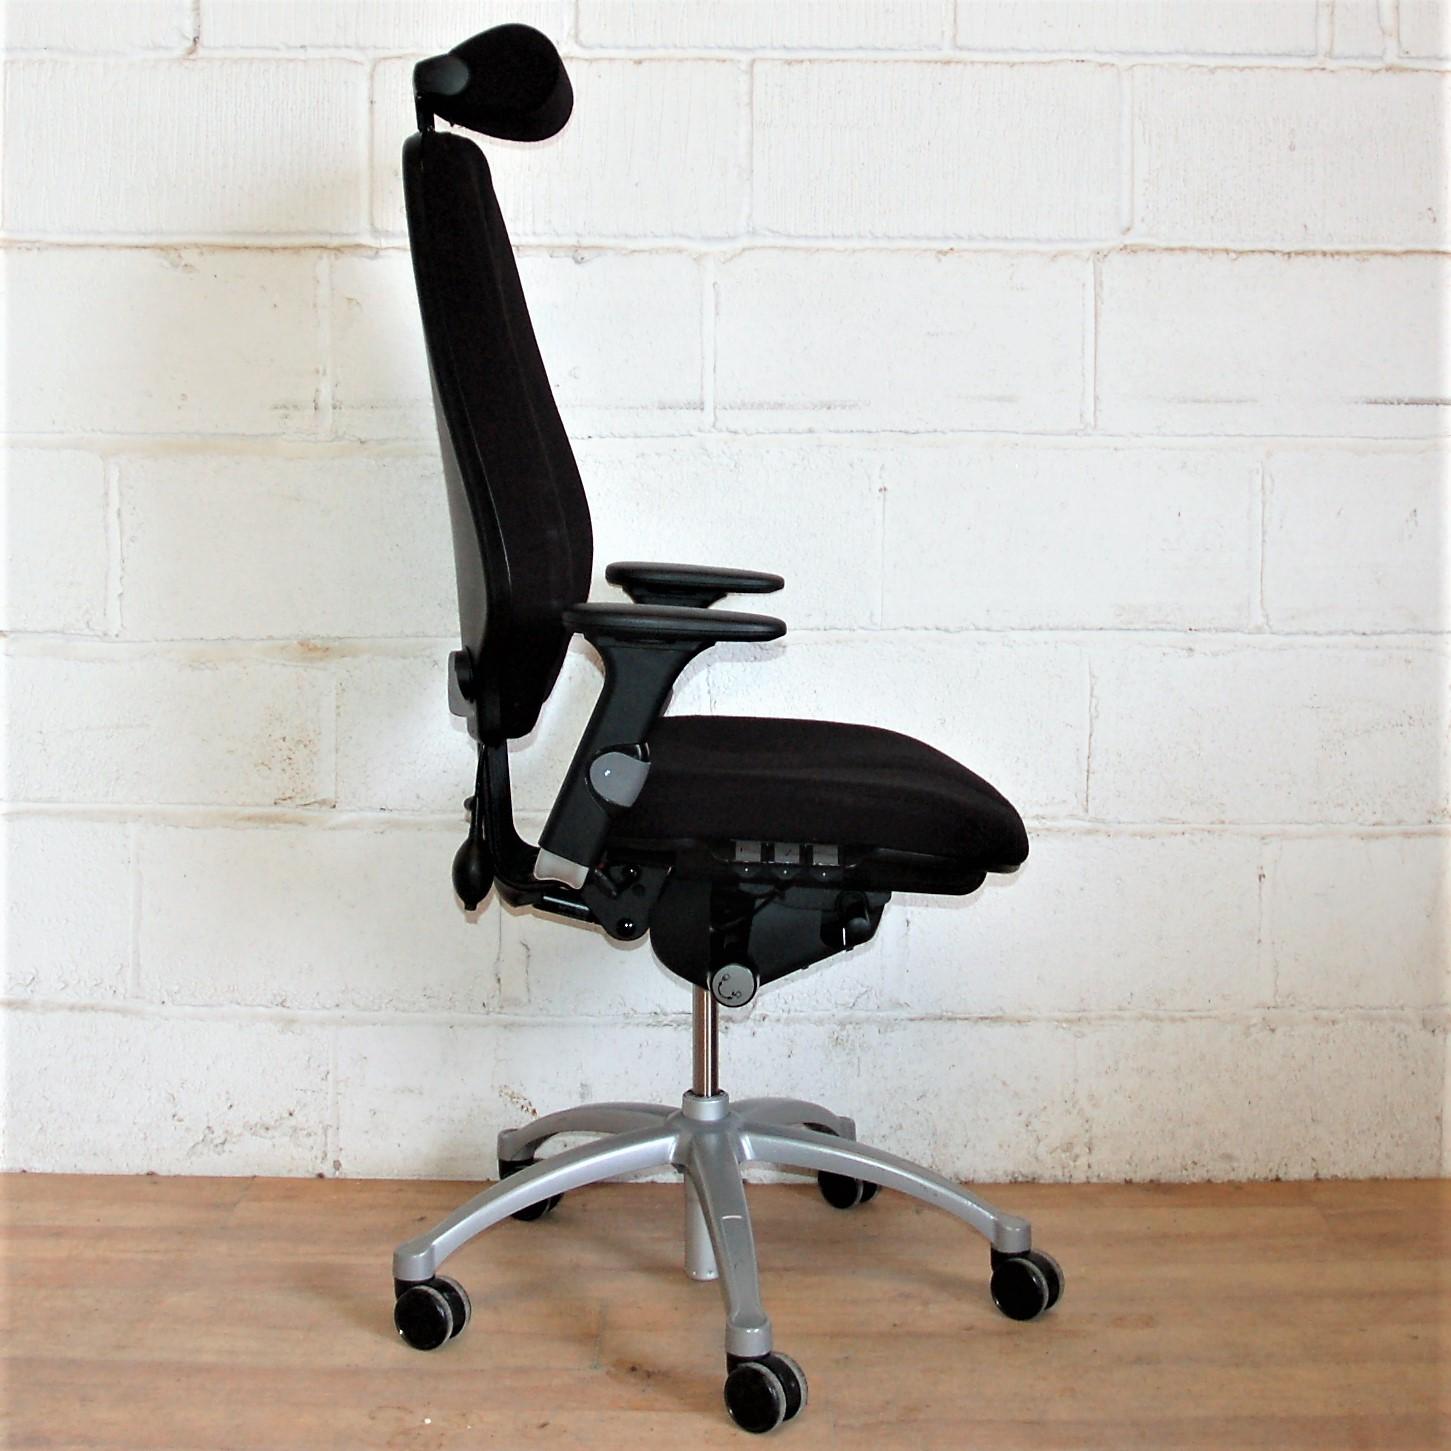 Chewning ergonomic task chair